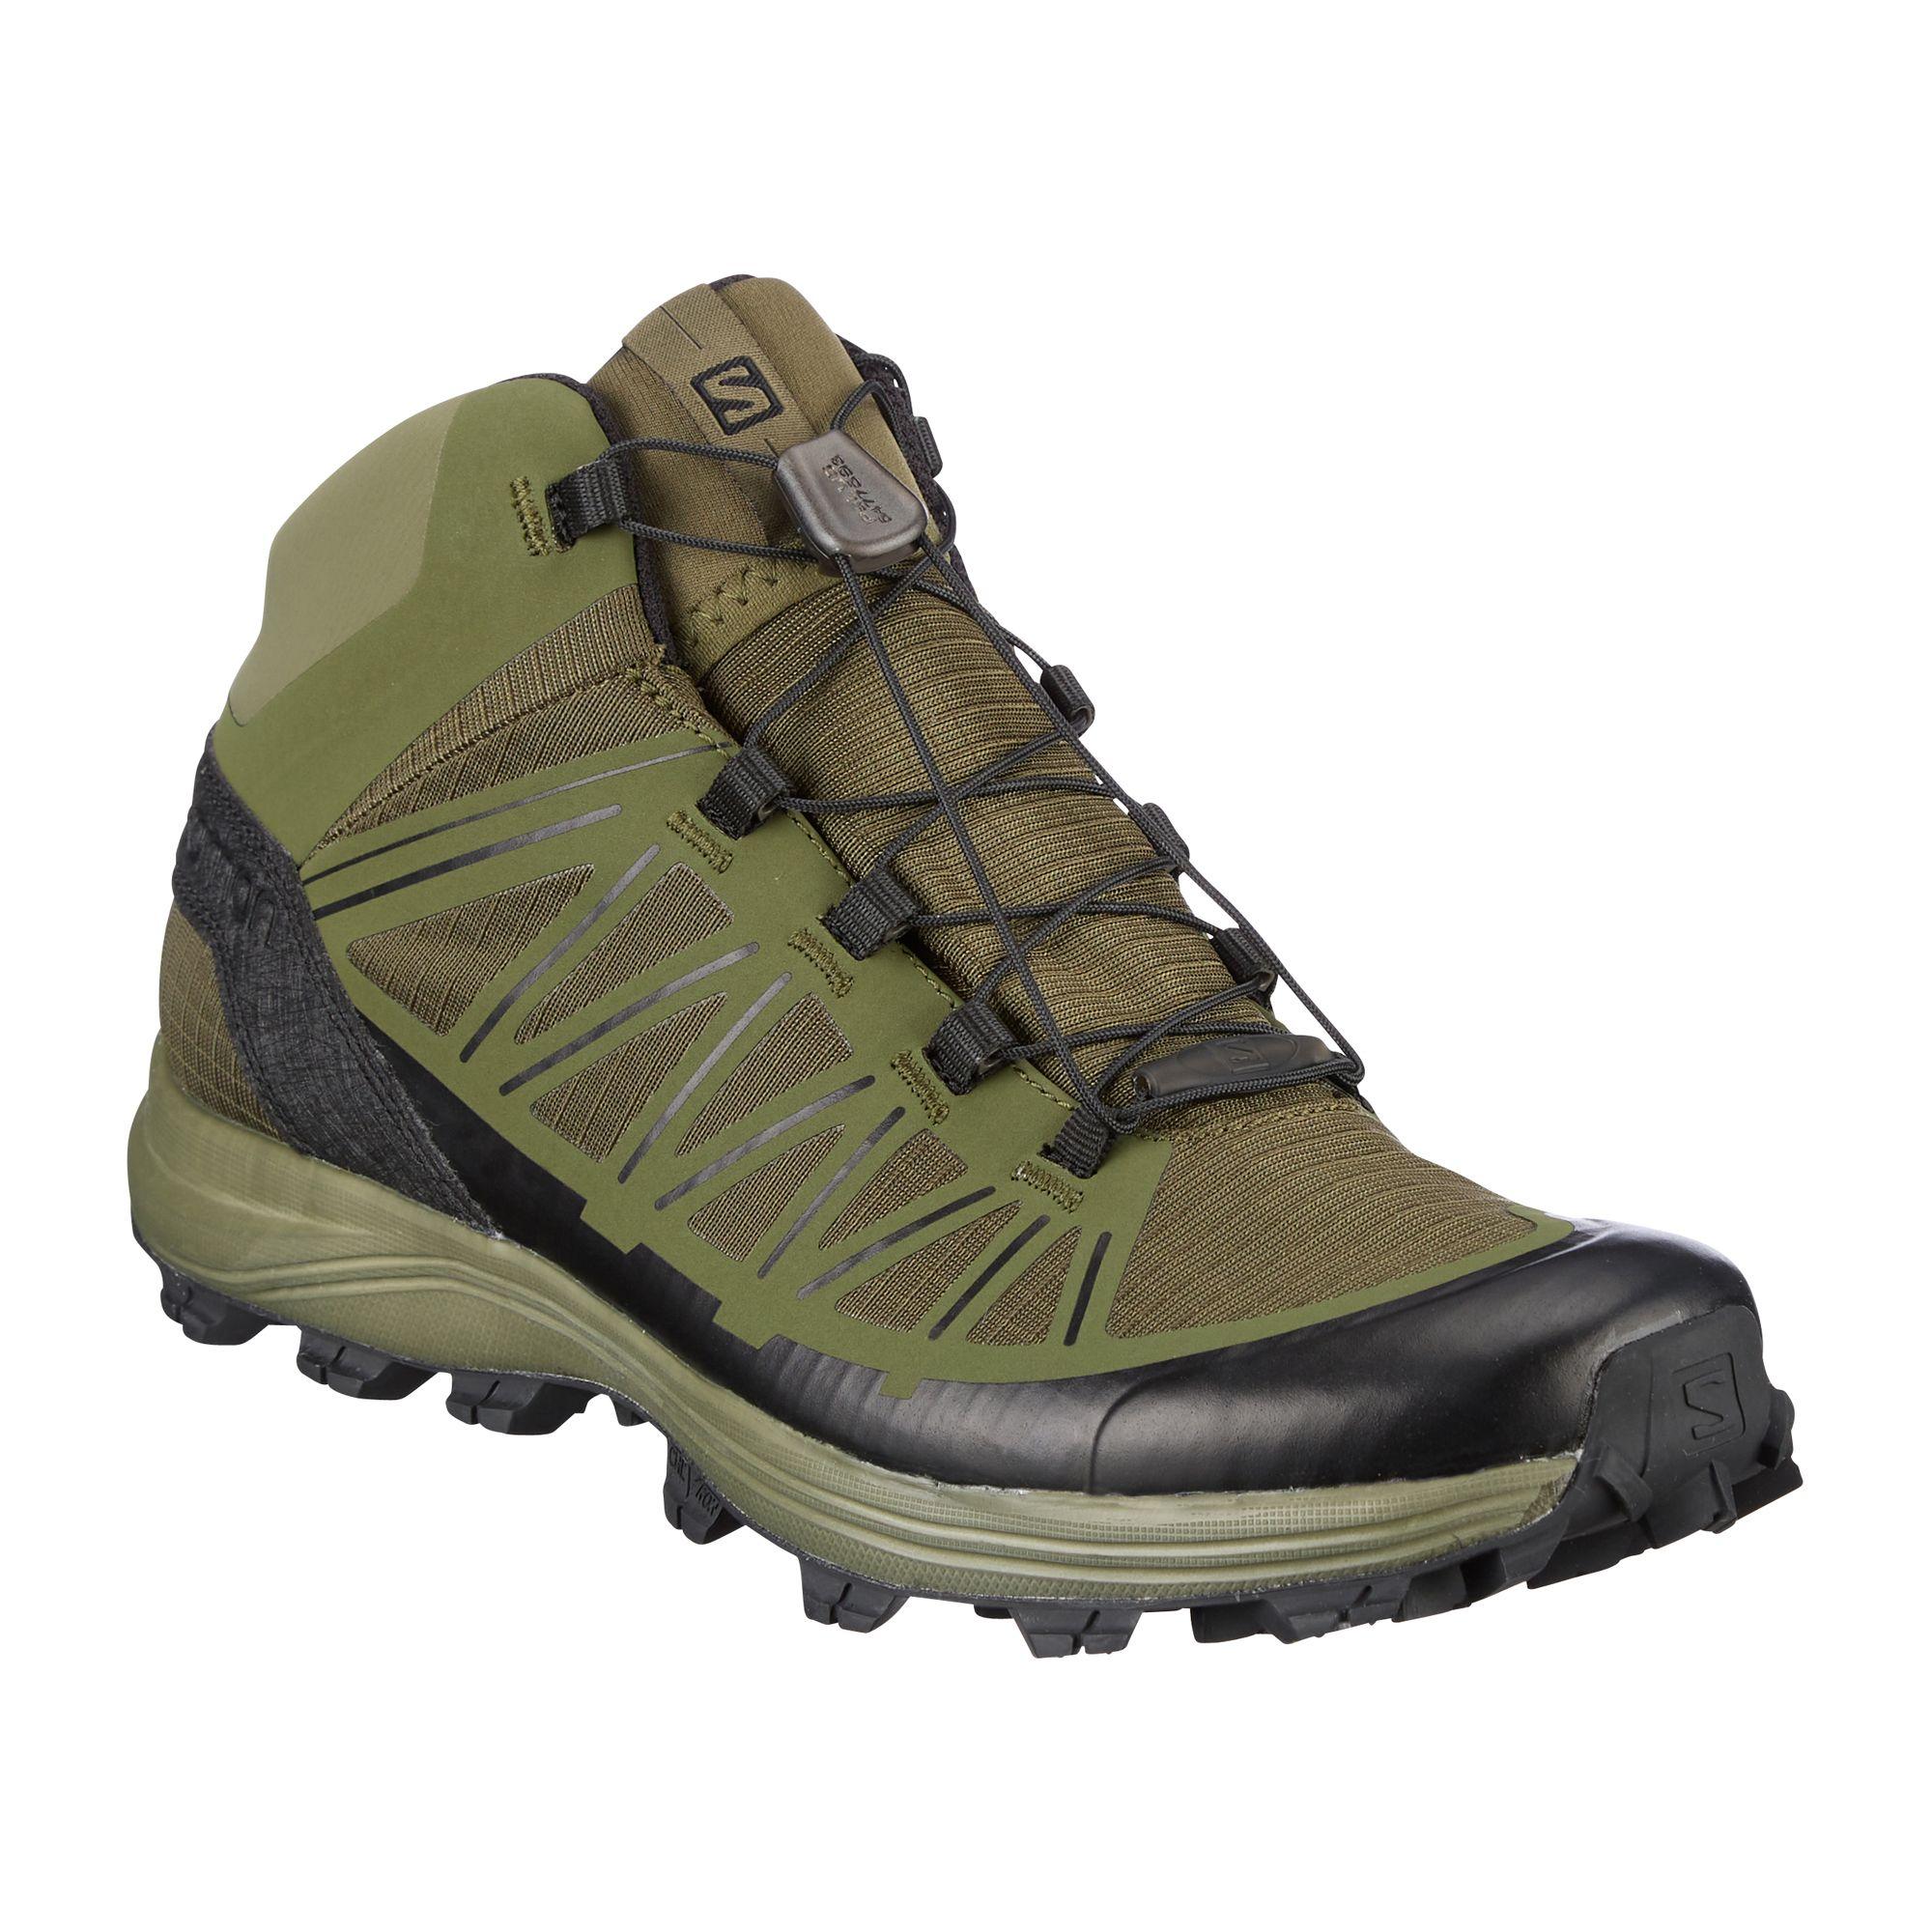 Salomon Schuhe Speed Assault Forces oliv kaufen bei ASMC 3xk2Q